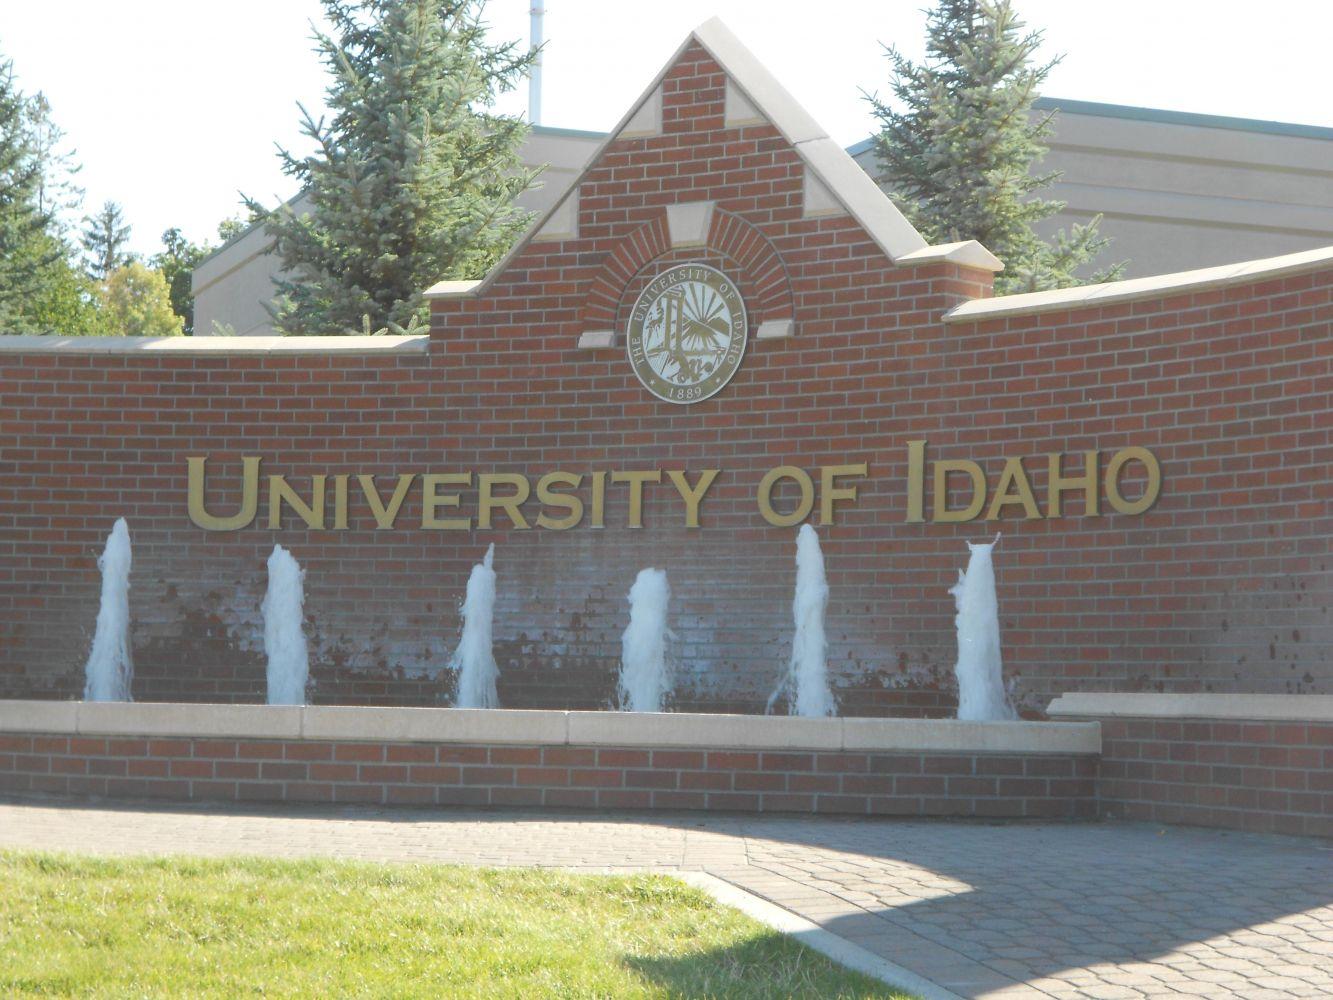 University of Idaho Tuition Fee